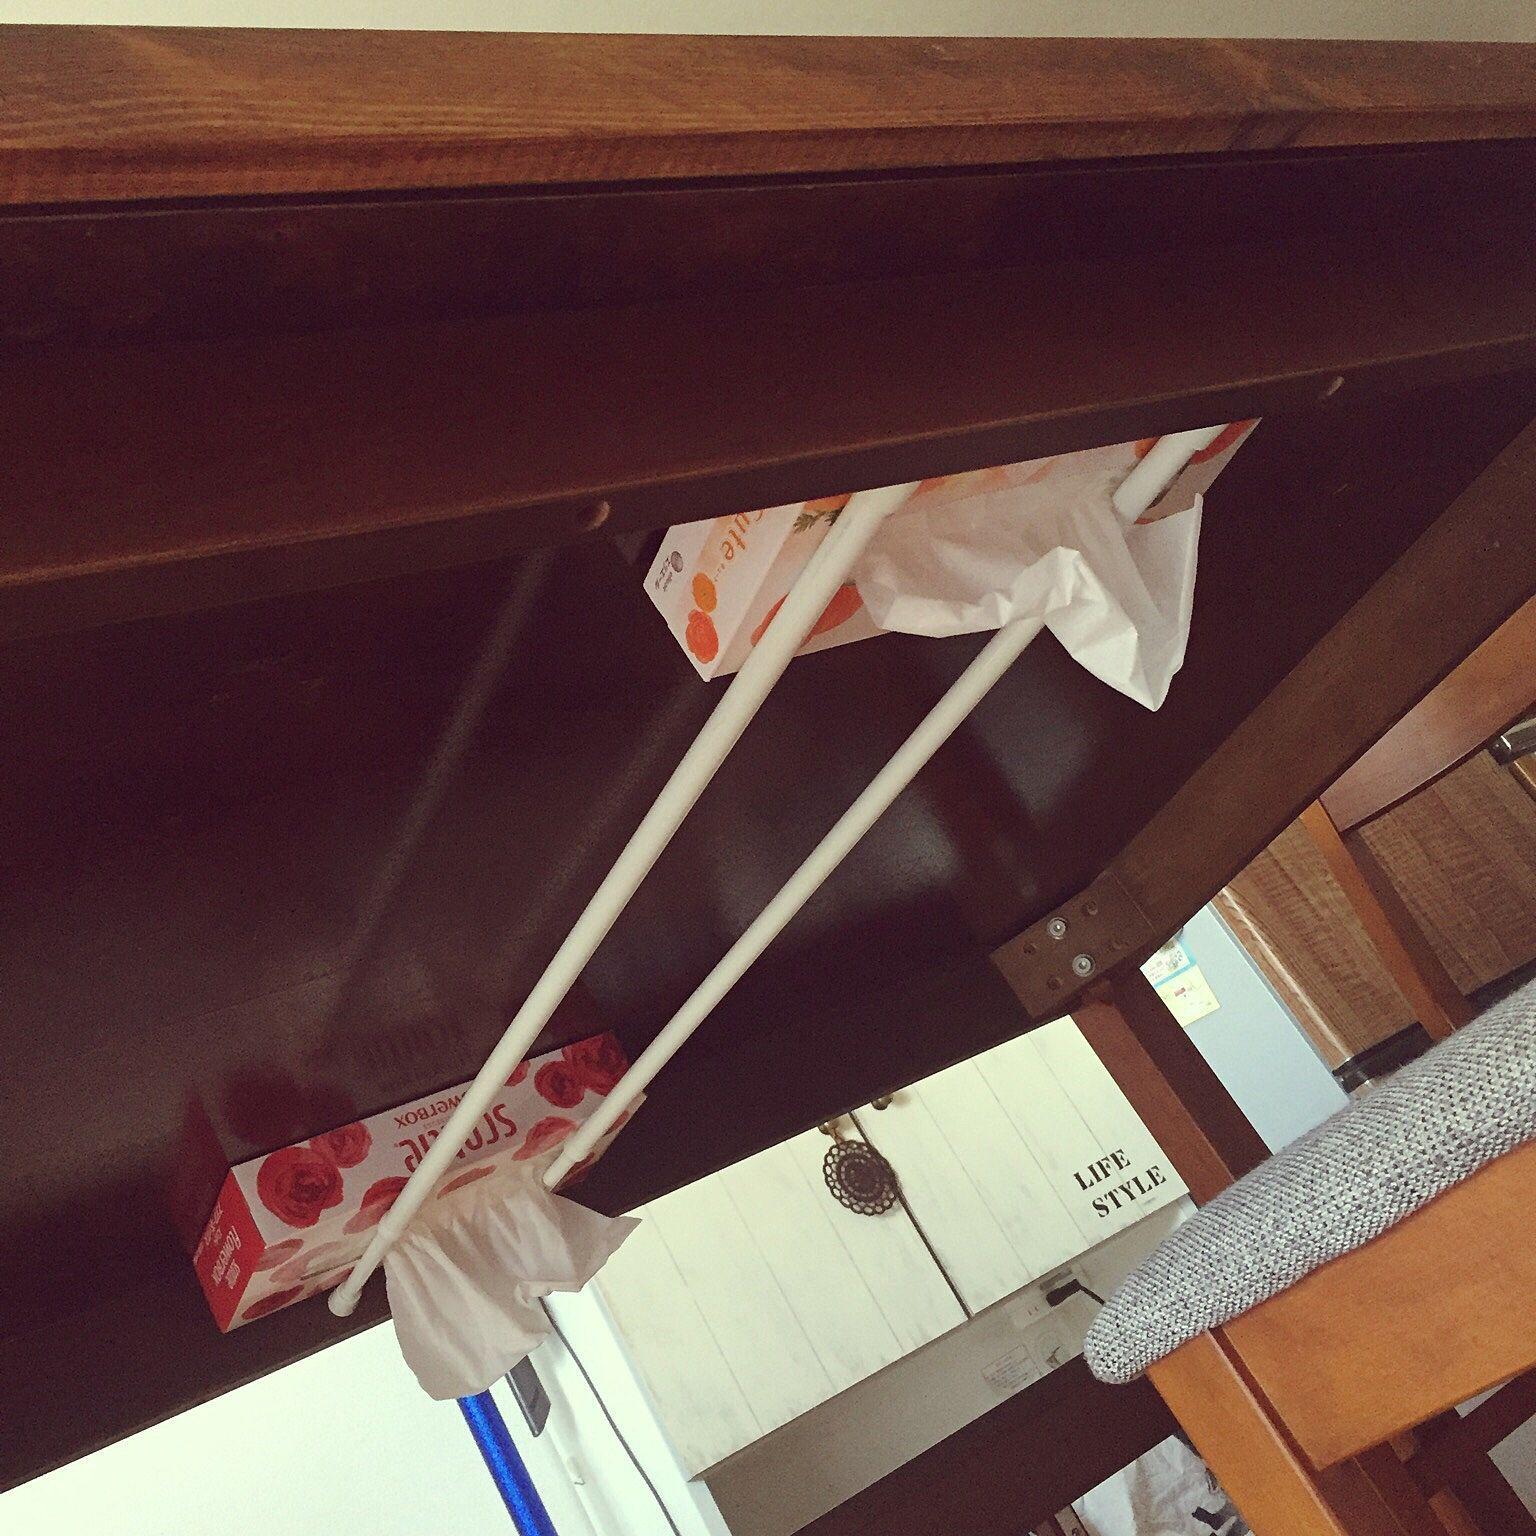 天板diy 机 つっぱり棒 収納アイデア ダイニングテーブルのインテリア実例 2016 09 07 20 00 36 Roomclip ルームクリップ 収納 アイデア インテリア 収納 ダイニングテーブル 収納